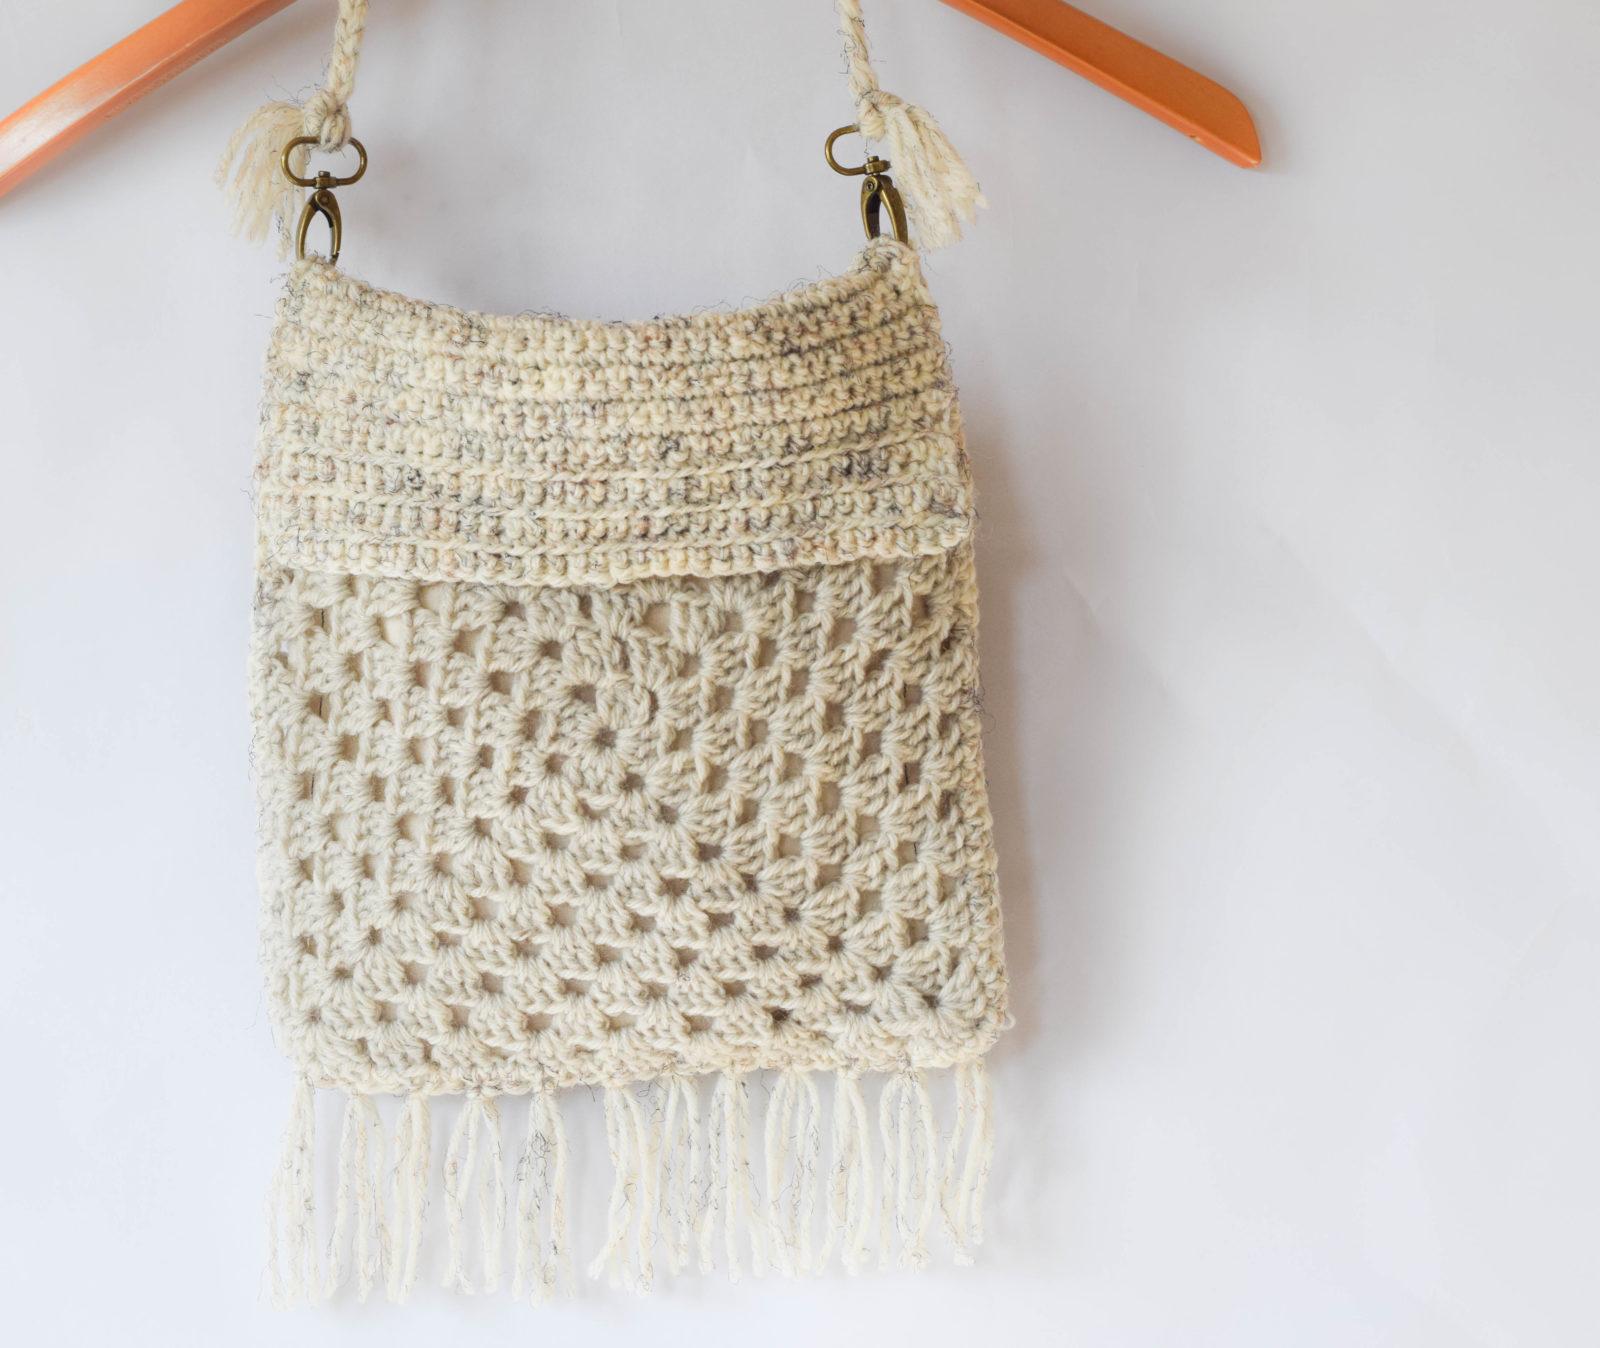 Boho Fringe Granny Square Crochet Purse Mama In A Stitch